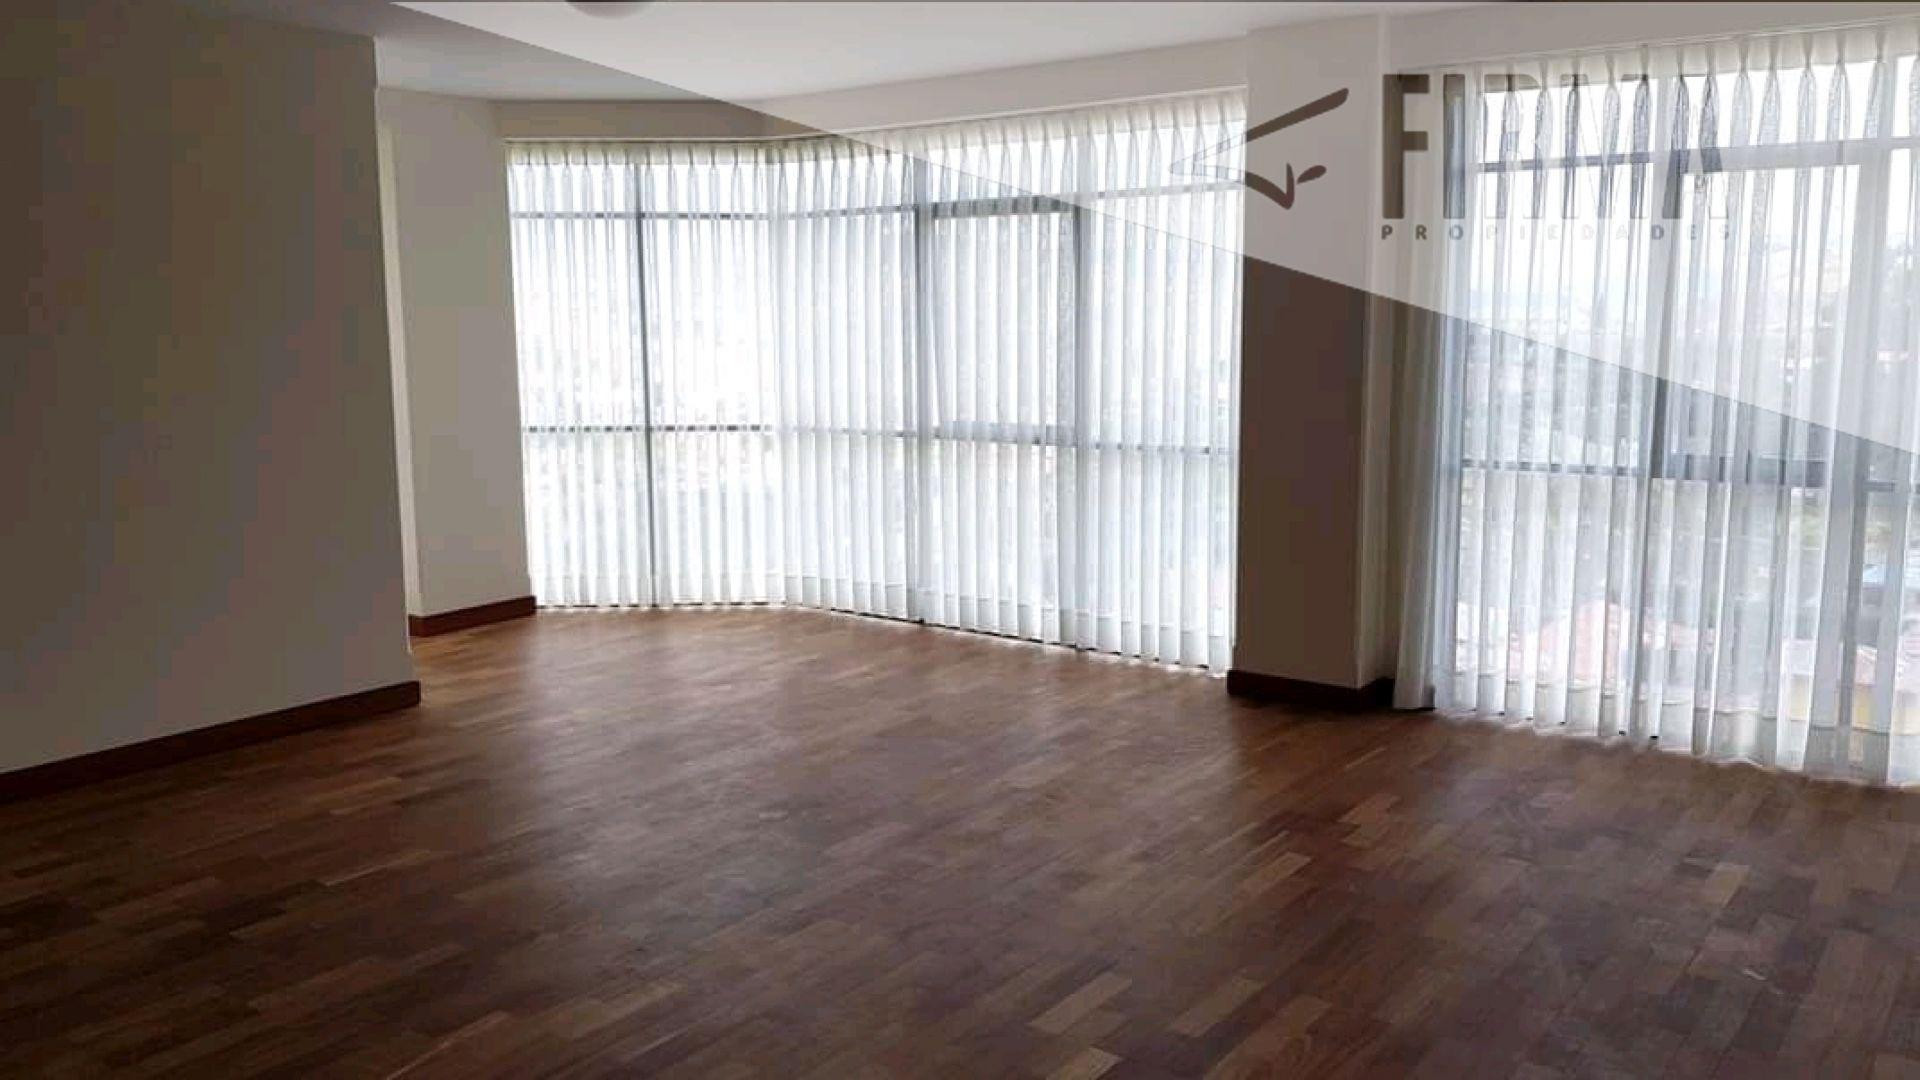 Departamento en Alquiler ALQUILA ESTE DEPARTAMENTO EN SOPOCACHI Foto 3